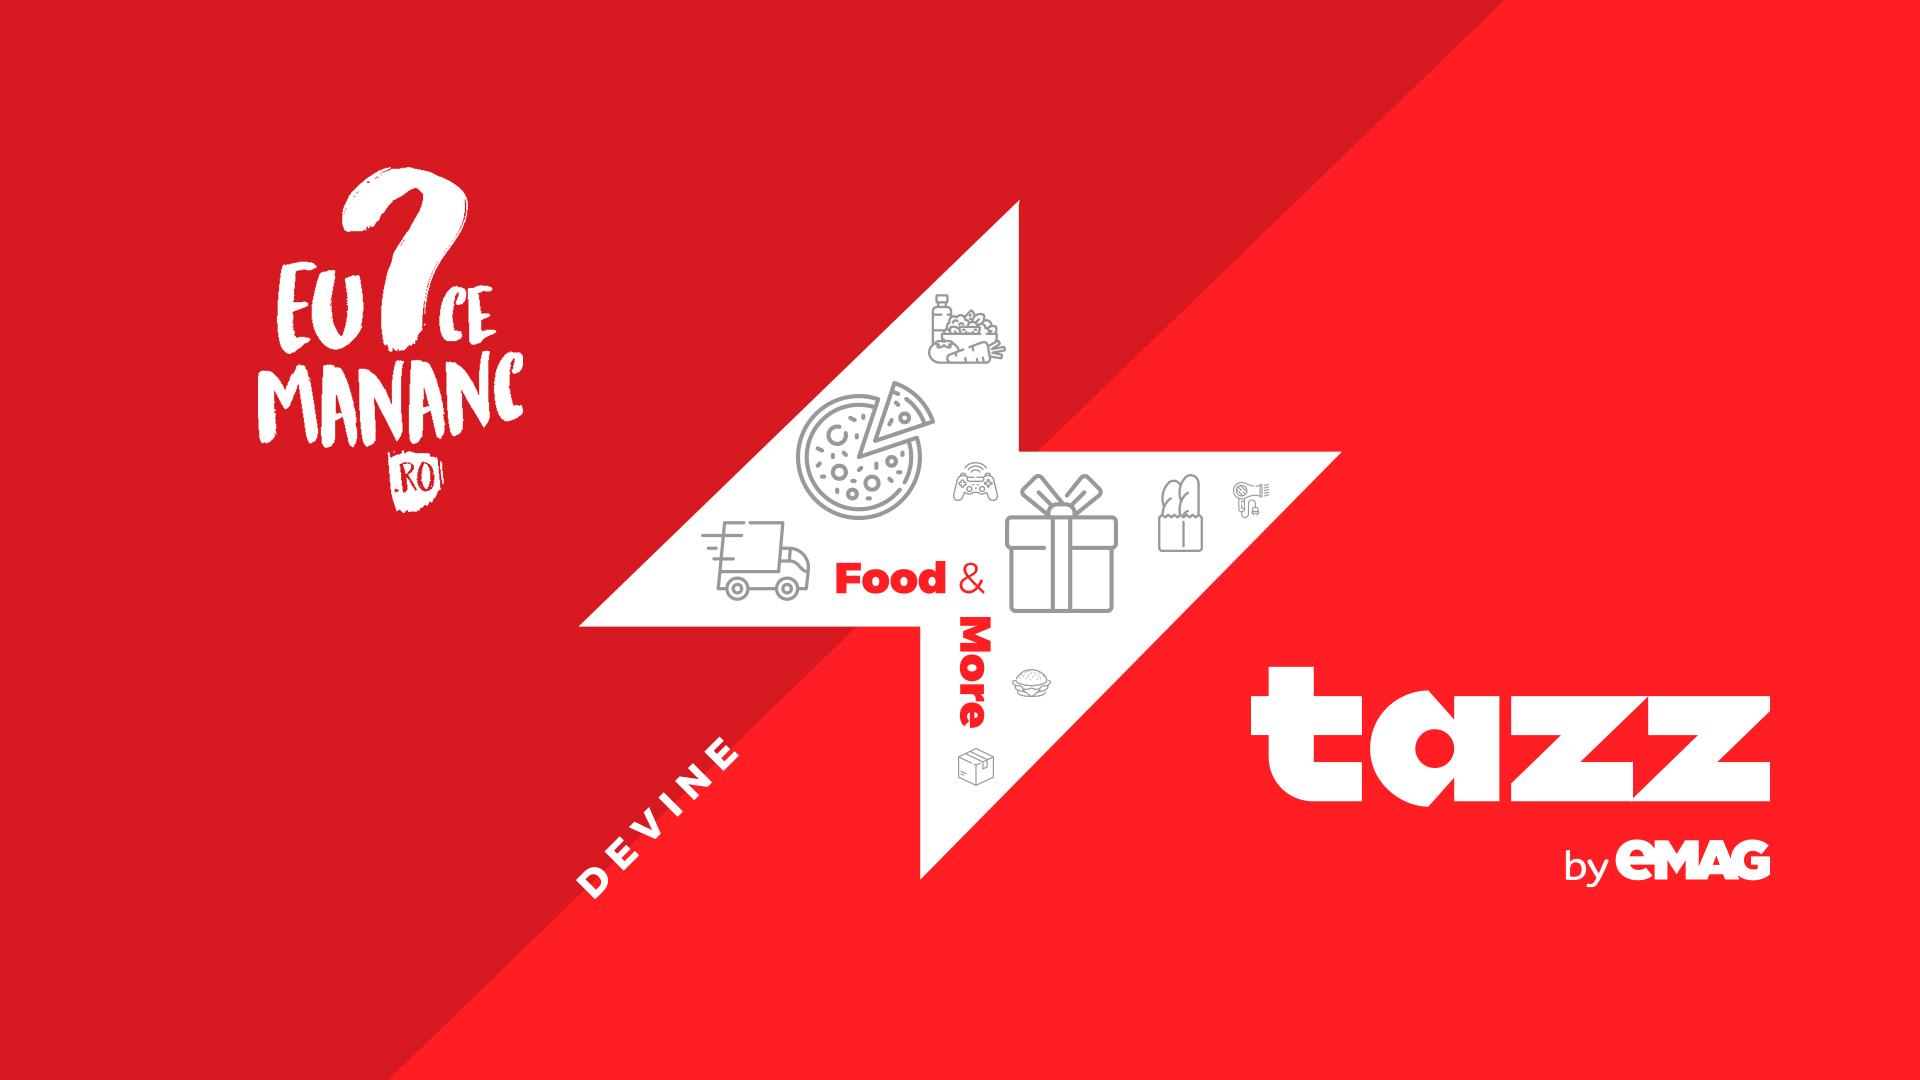 Platforma EuCeMananc devine Tazz by eMAG și extinde livrarea într-o oră cu produse alimentare și pentru casă